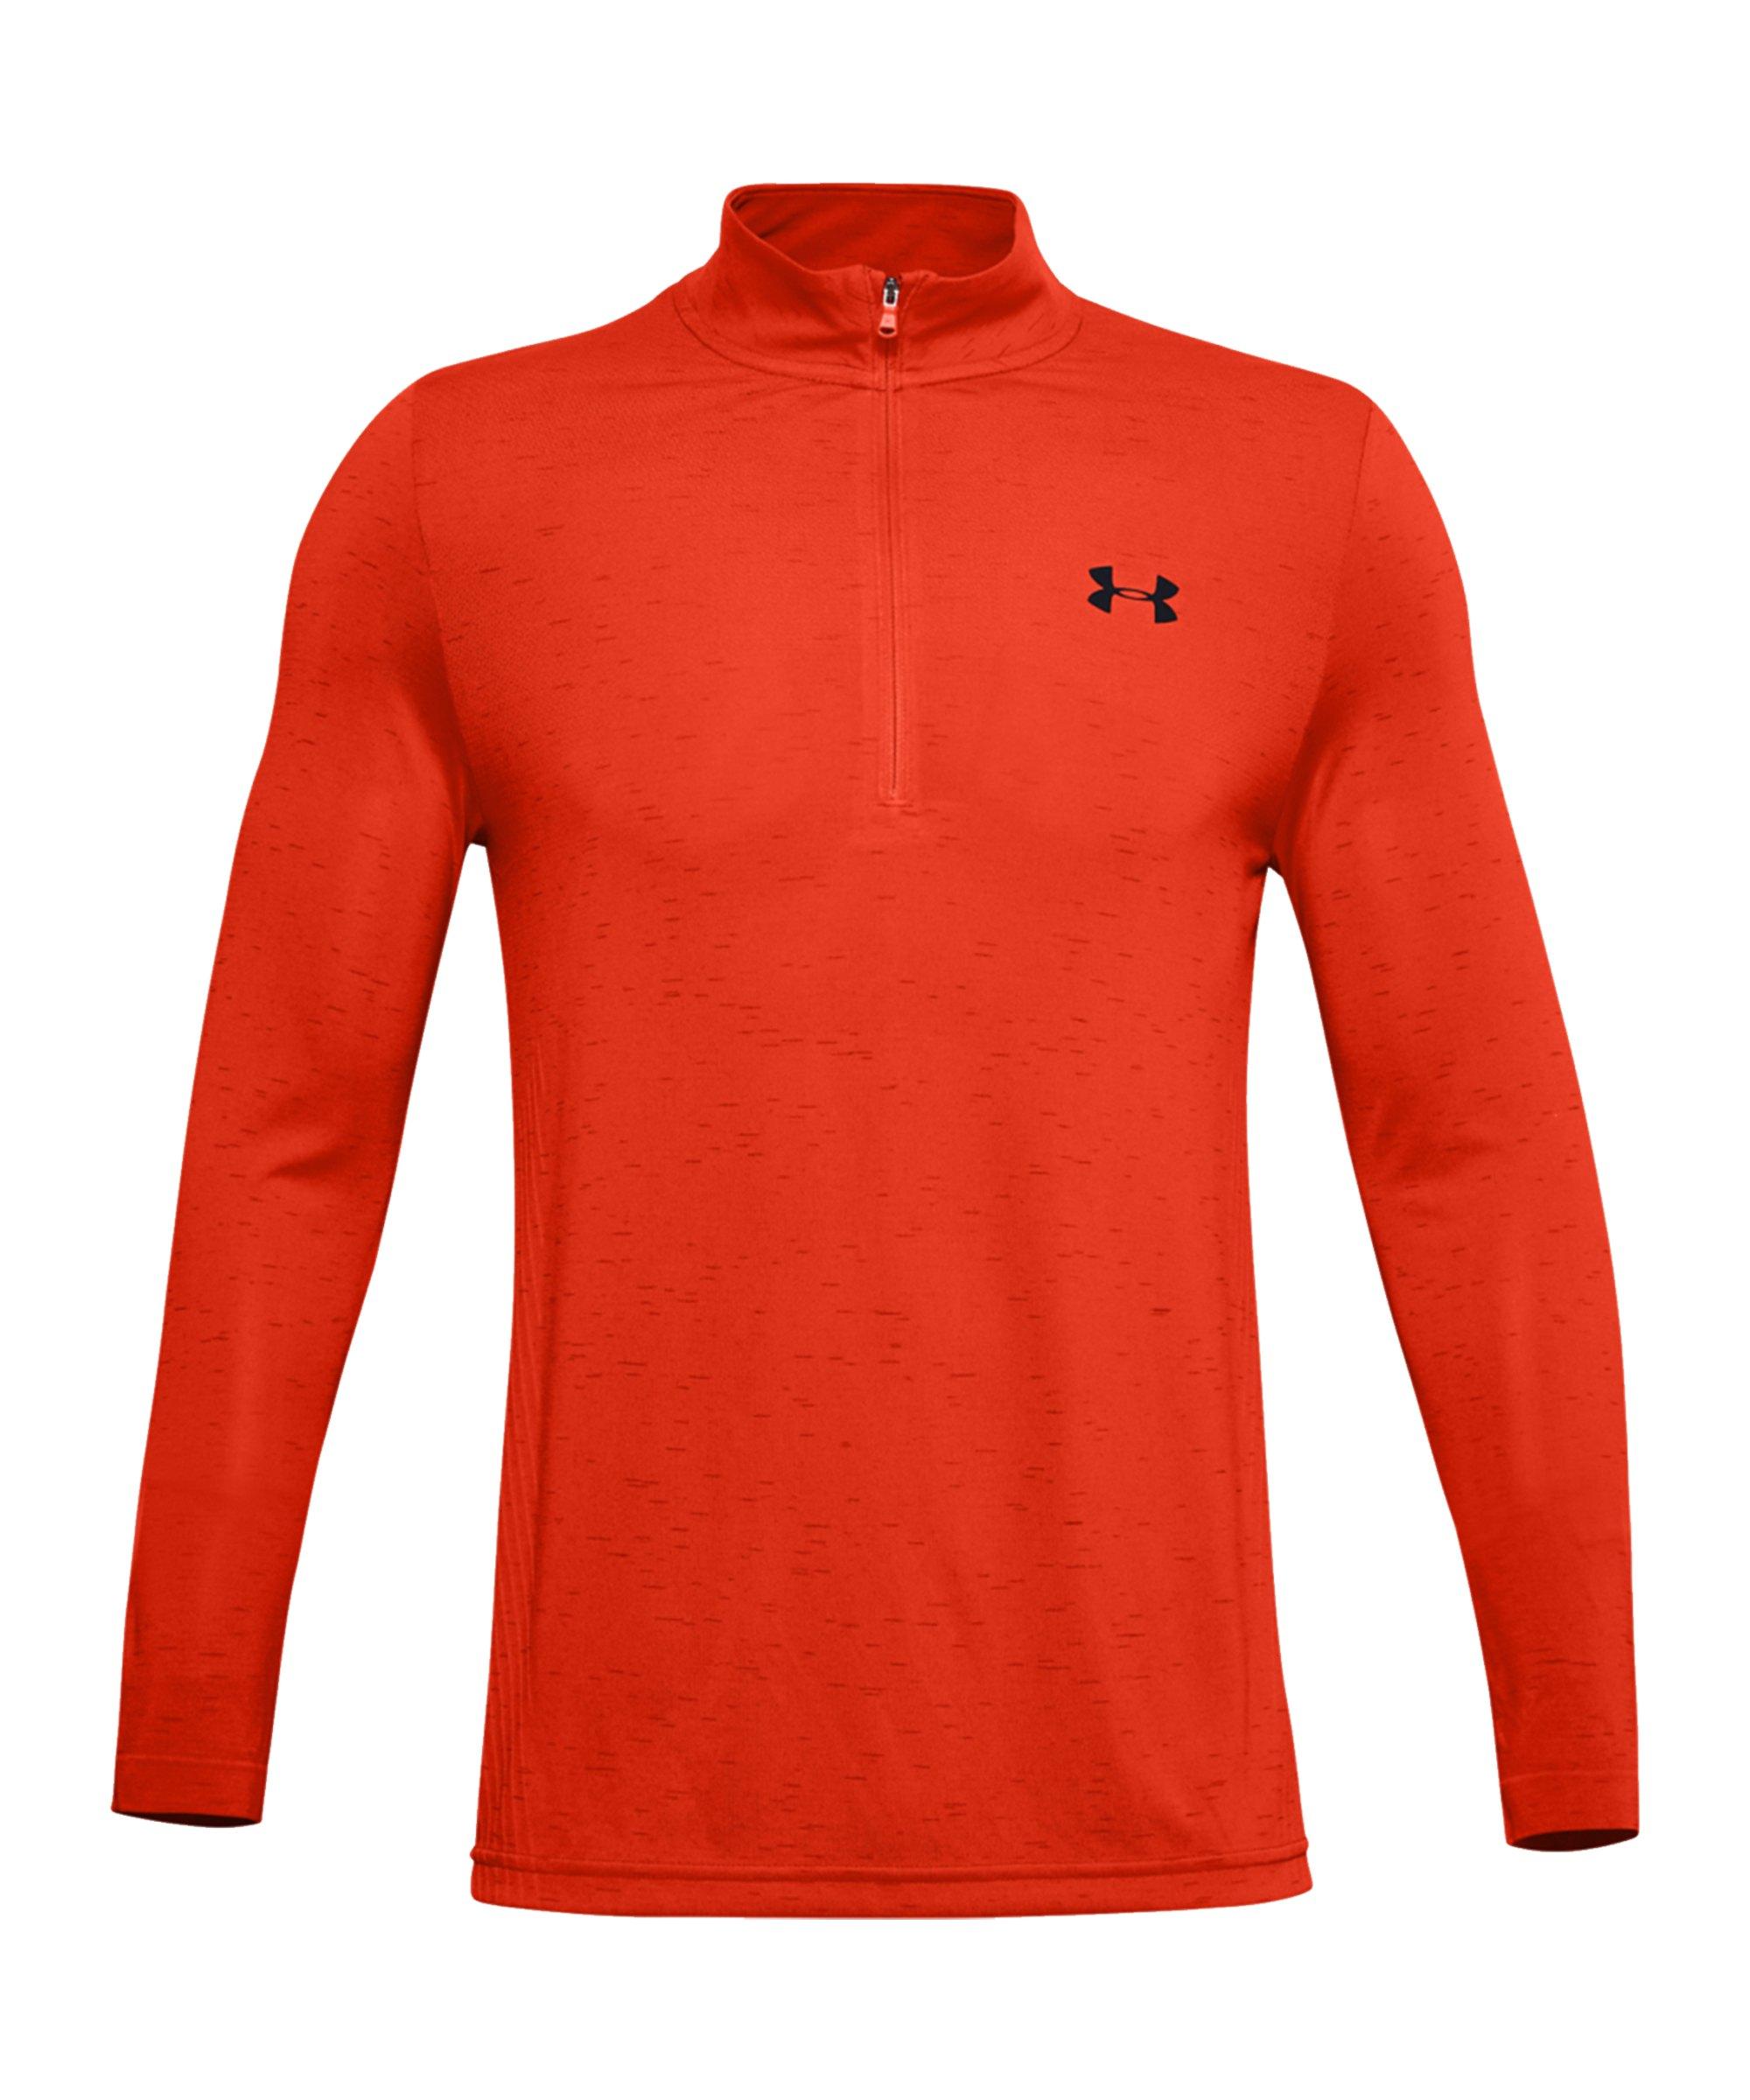 Under Armour Seamless 1/2 Zip Shirt Orange F856 - orange